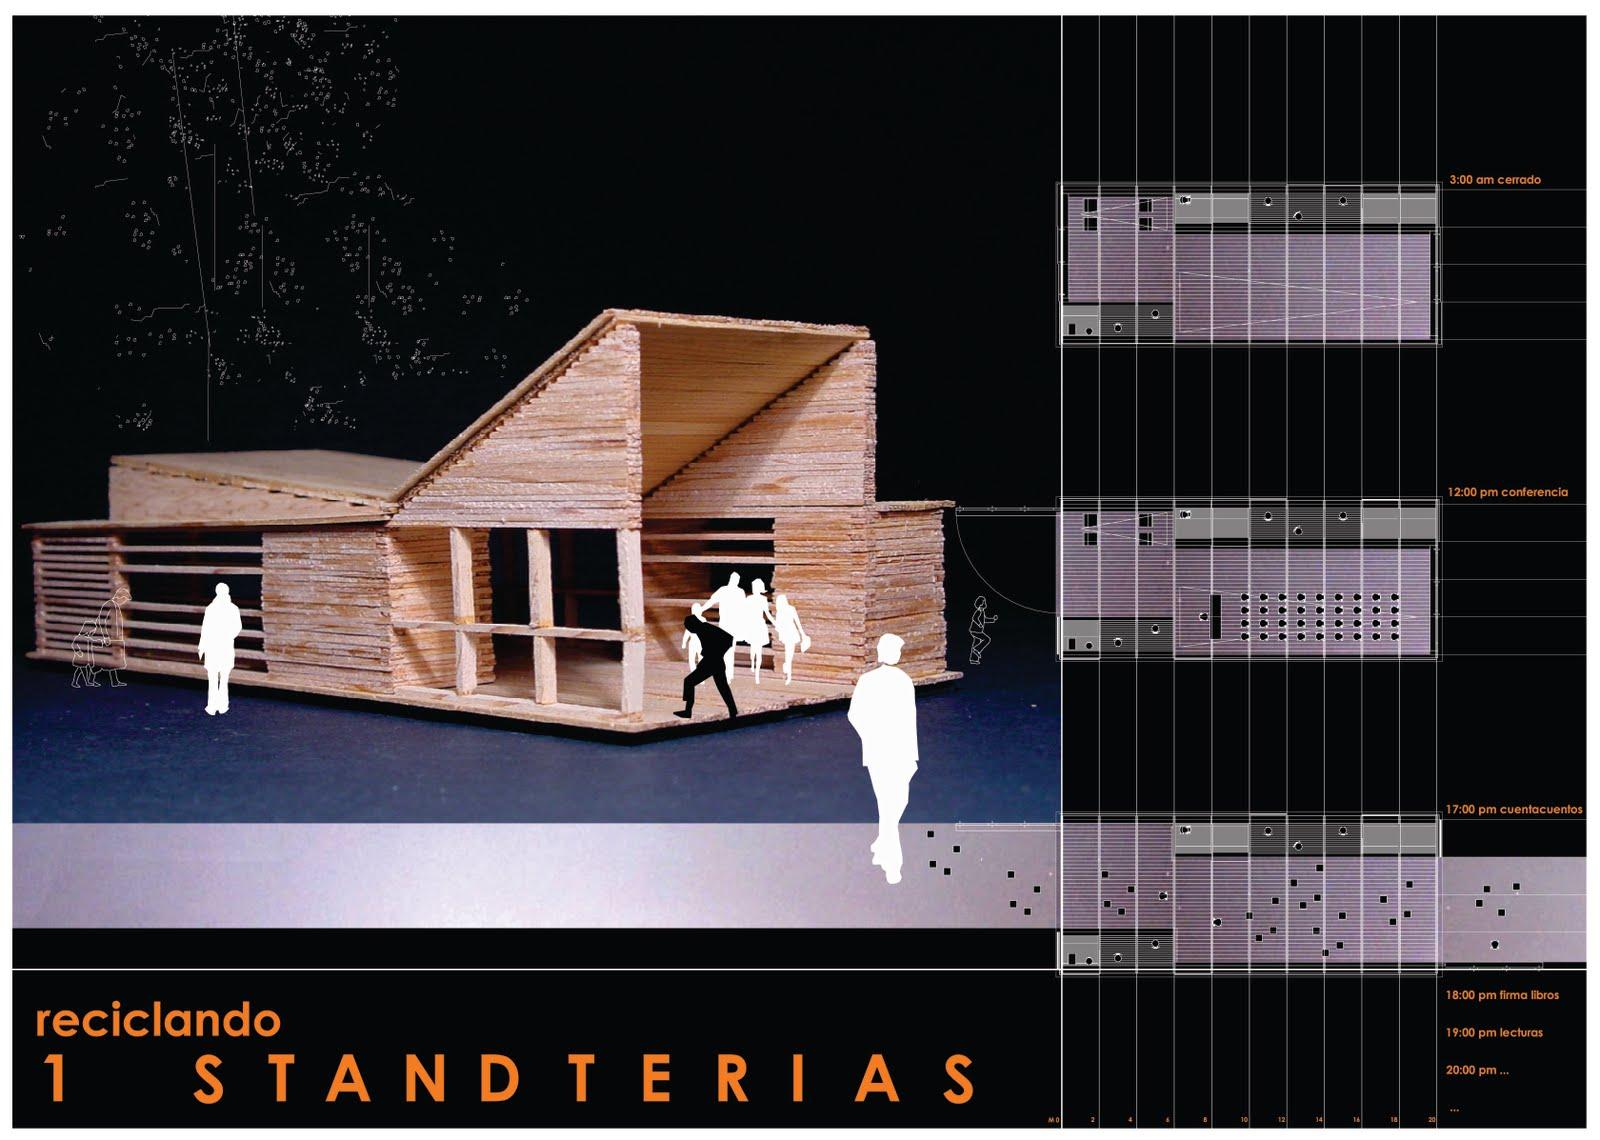 Reciclando standterias dg arquitecto valencia for Arquitectos valencia